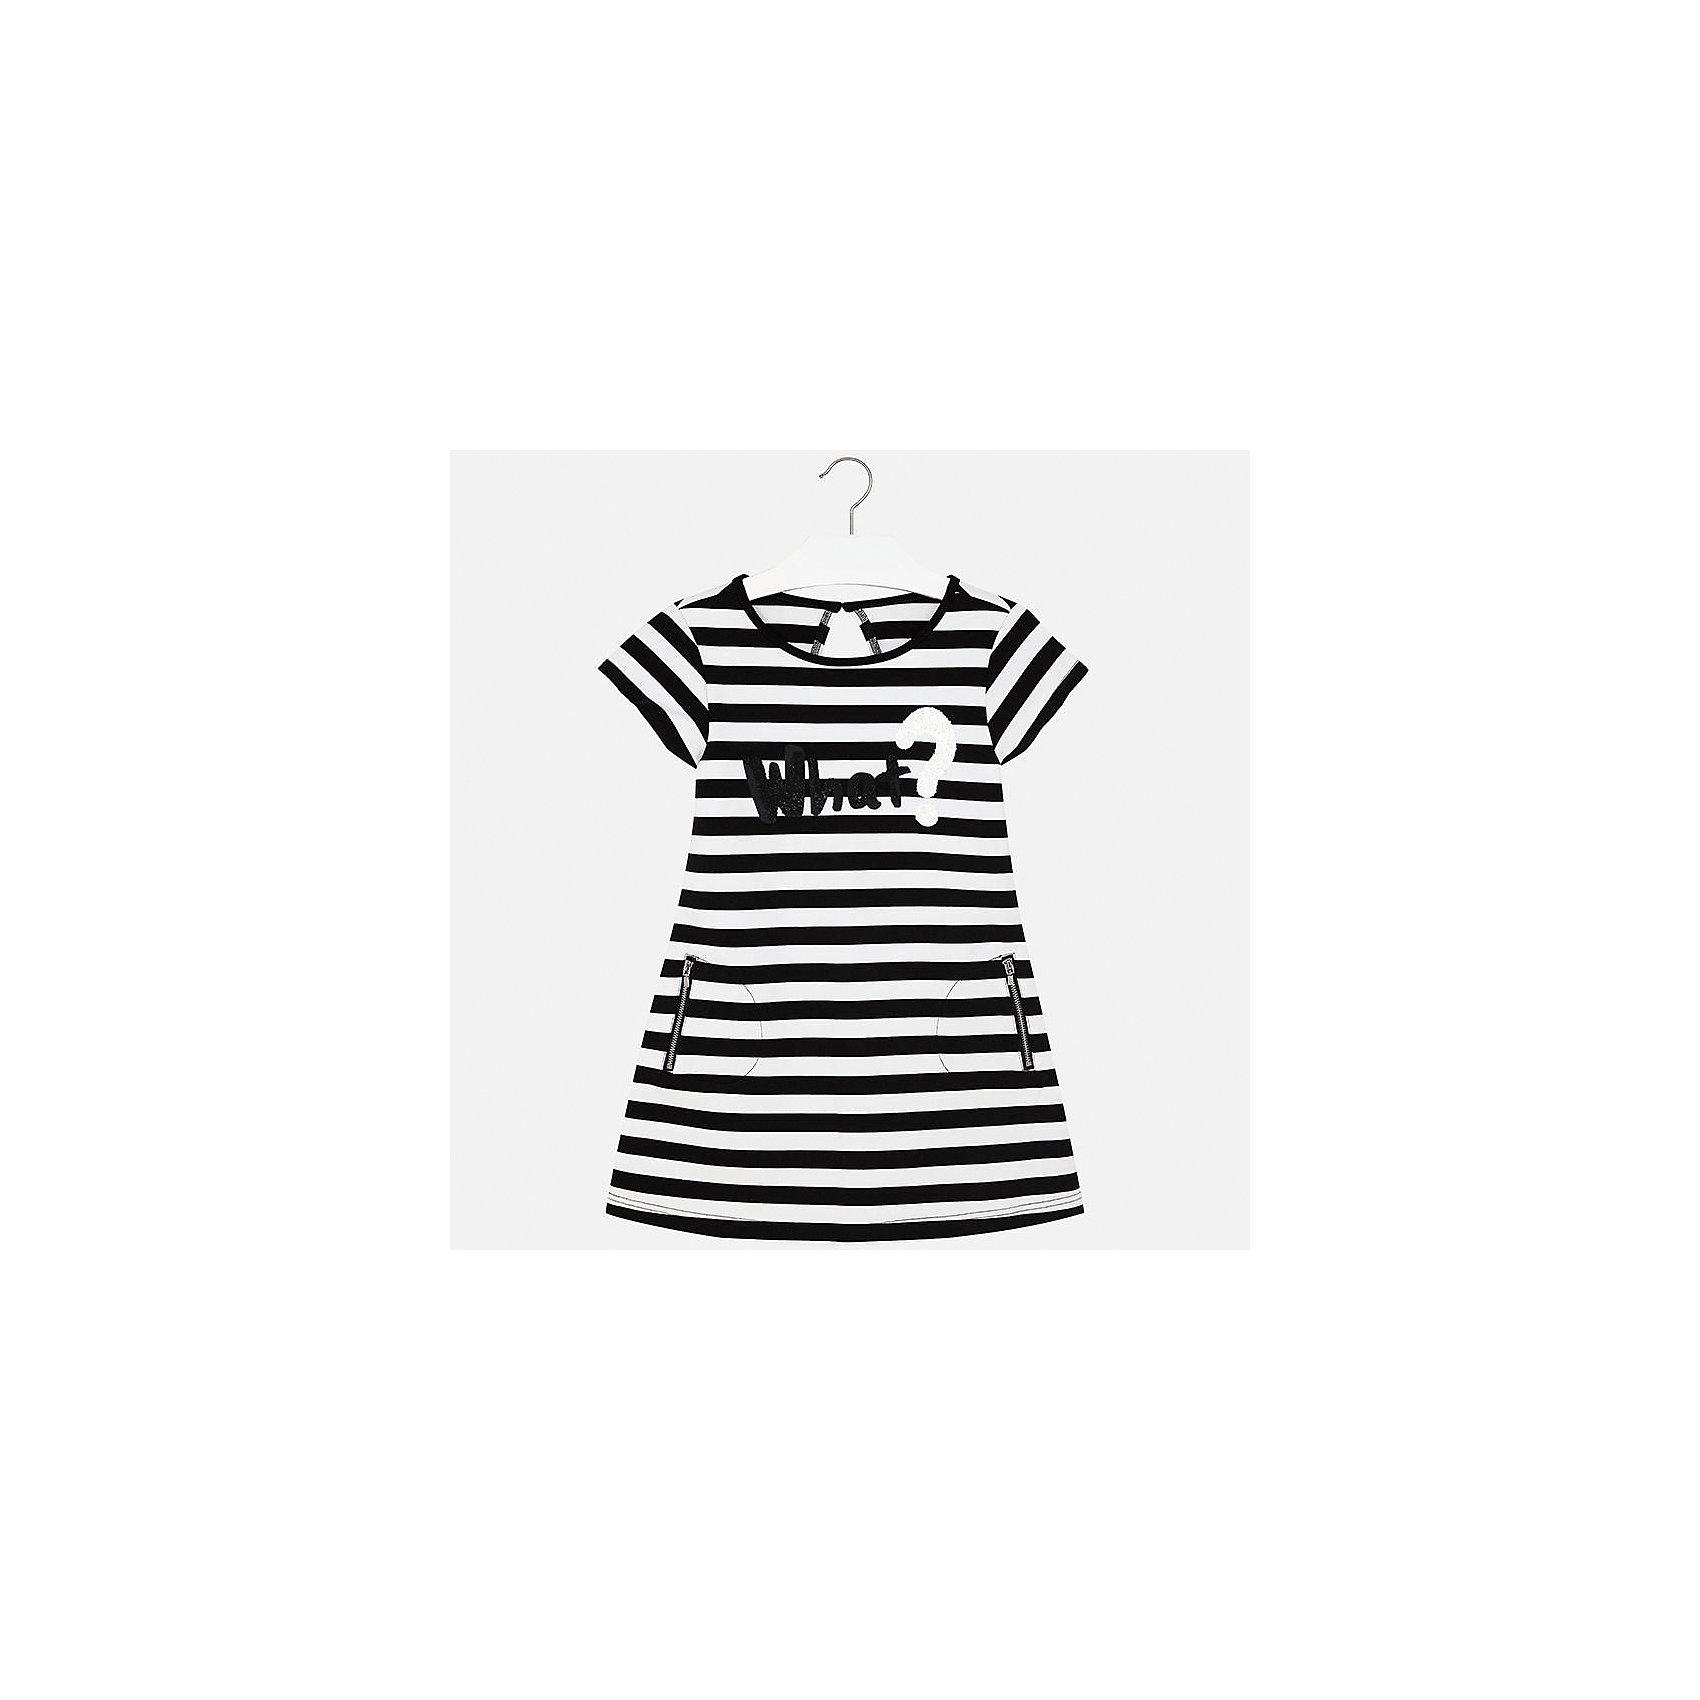 Платье для девочки MayoralХарактеристики товара:<br><br>• цвет: черно-белый<br>• состав: 86% полиэстер, 8% вискоза, 6% эластан, подкладка - 86% полиэстер, 8% вискоза, 6% эластан<br>• застежка: пуговица<br>• карманы<br>• принт<br>• короткие рукава<br>• страна бренда: Испания<br><br>Стильное платье для девочки поможет разнообразить гардероб ребенка и создать эффектный наряд. Оно подойдет для различных случаев. Универсальный цвет позволяет подобрать к вещи обувь разных расцветок. Платье хорошо сидит по фигуре.<br><br>Одежда, обувь и аксессуары от испанского бренда Mayoral полюбились детям и взрослым по всему миру. Модели этой марки - стильные и удобные. Для их производства используются только безопасные, качественные материалы и фурнитура. Порадуйте ребенка модными и красивыми вещами от Mayoral! <br><br>Платье для девочки от испанского бренда Mayoral (Майорал) можно купить в нашем интернет-магазине.<br><br>Ширина мм: 236<br>Глубина мм: 16<br>Высота мм: 184<br>Вес г: 177<br>Цвет: черный<br>Возраст от месяцев: 108<br>Возраст до месяцев: 120<br>Пол: Женский<br>Возраст: Детский<br>Размер: 140,164,128/134,152,158<br>SKU: 5293304